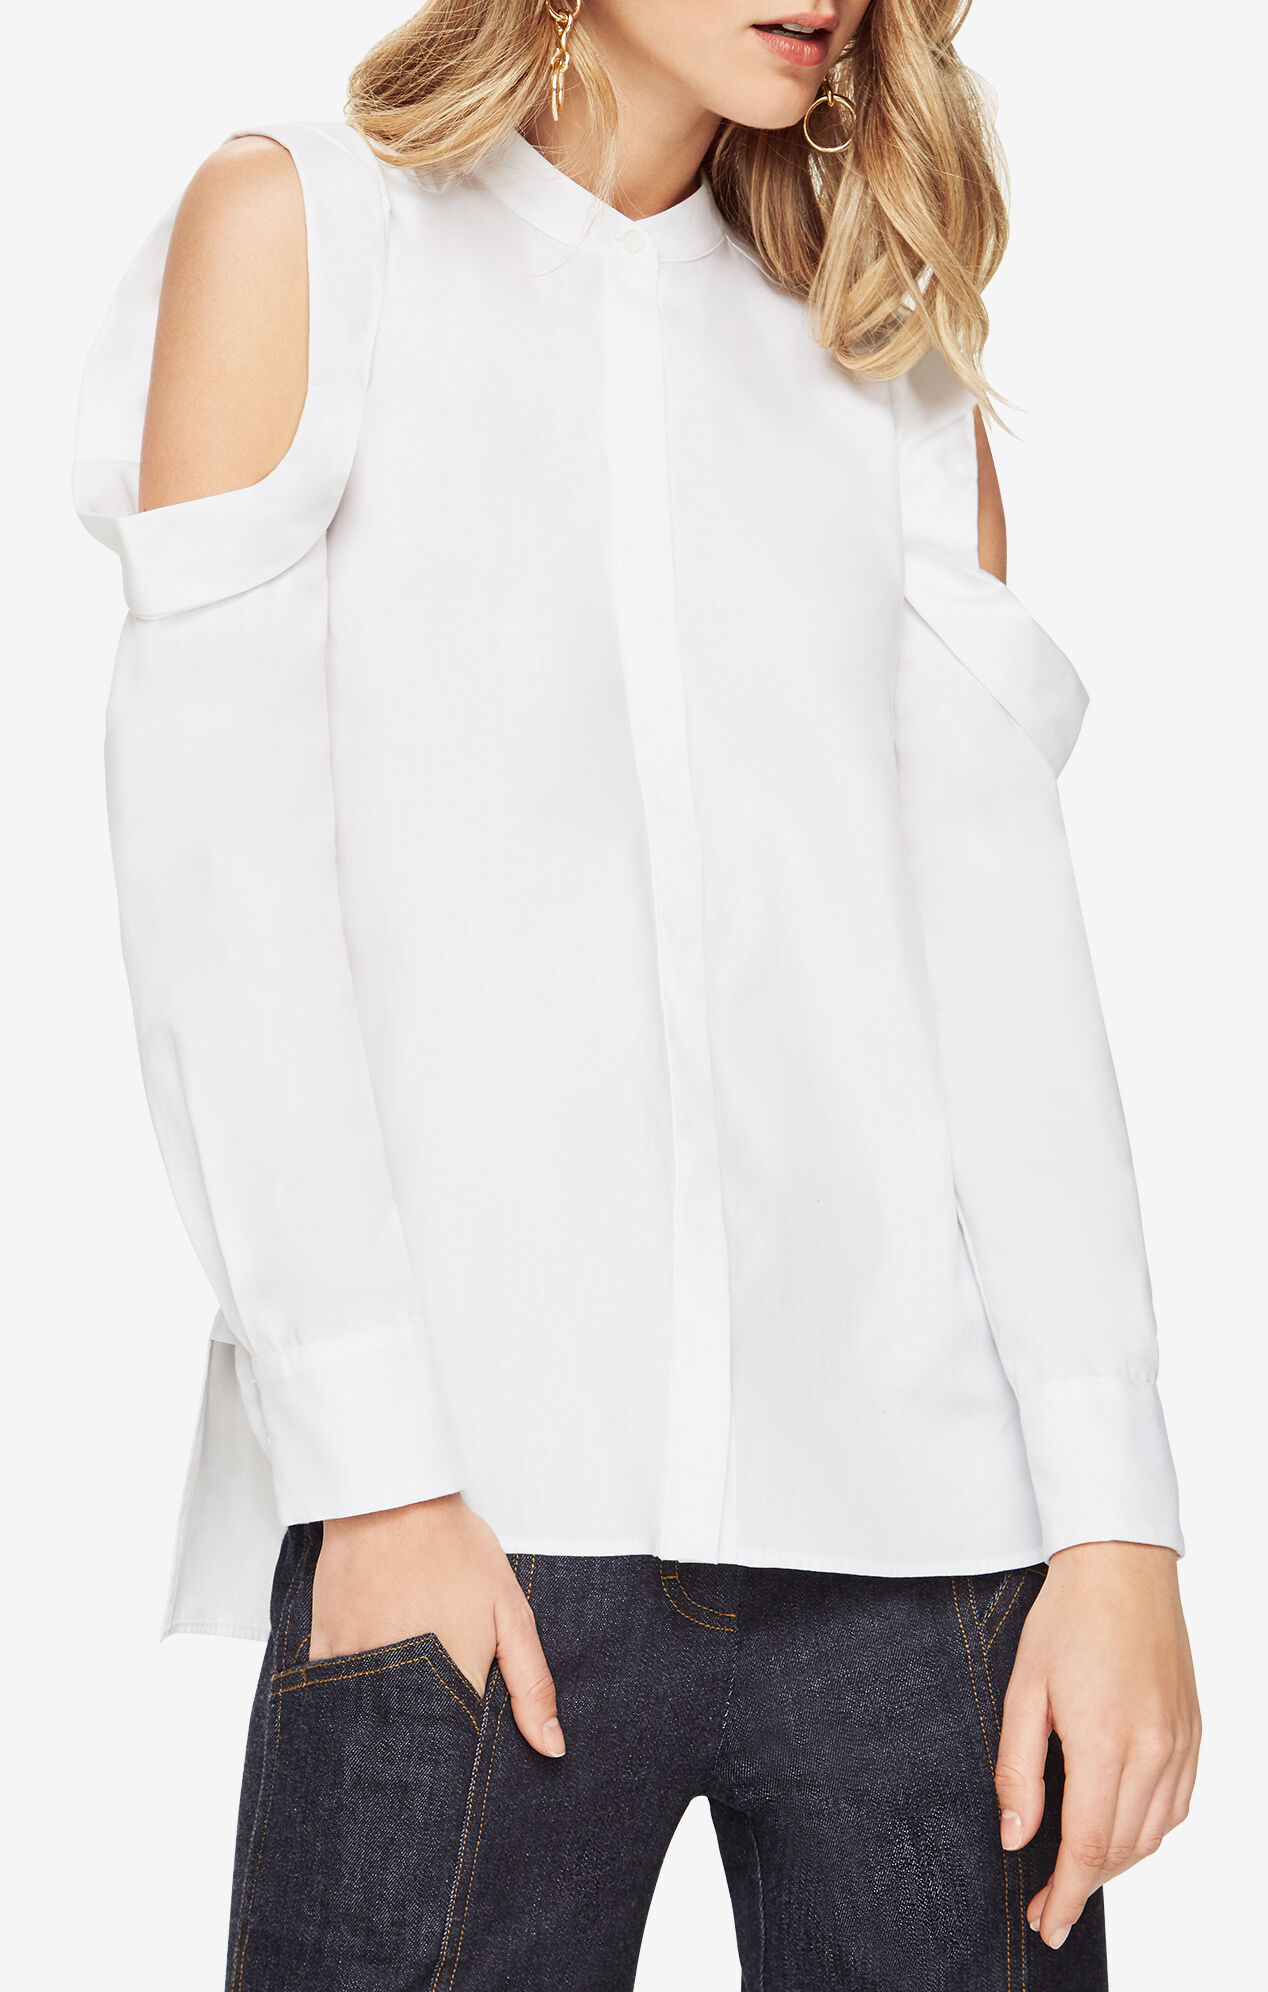 nishani cold shoulder shirt. Black Bedroom Furniture Sets. Home Design Ideas